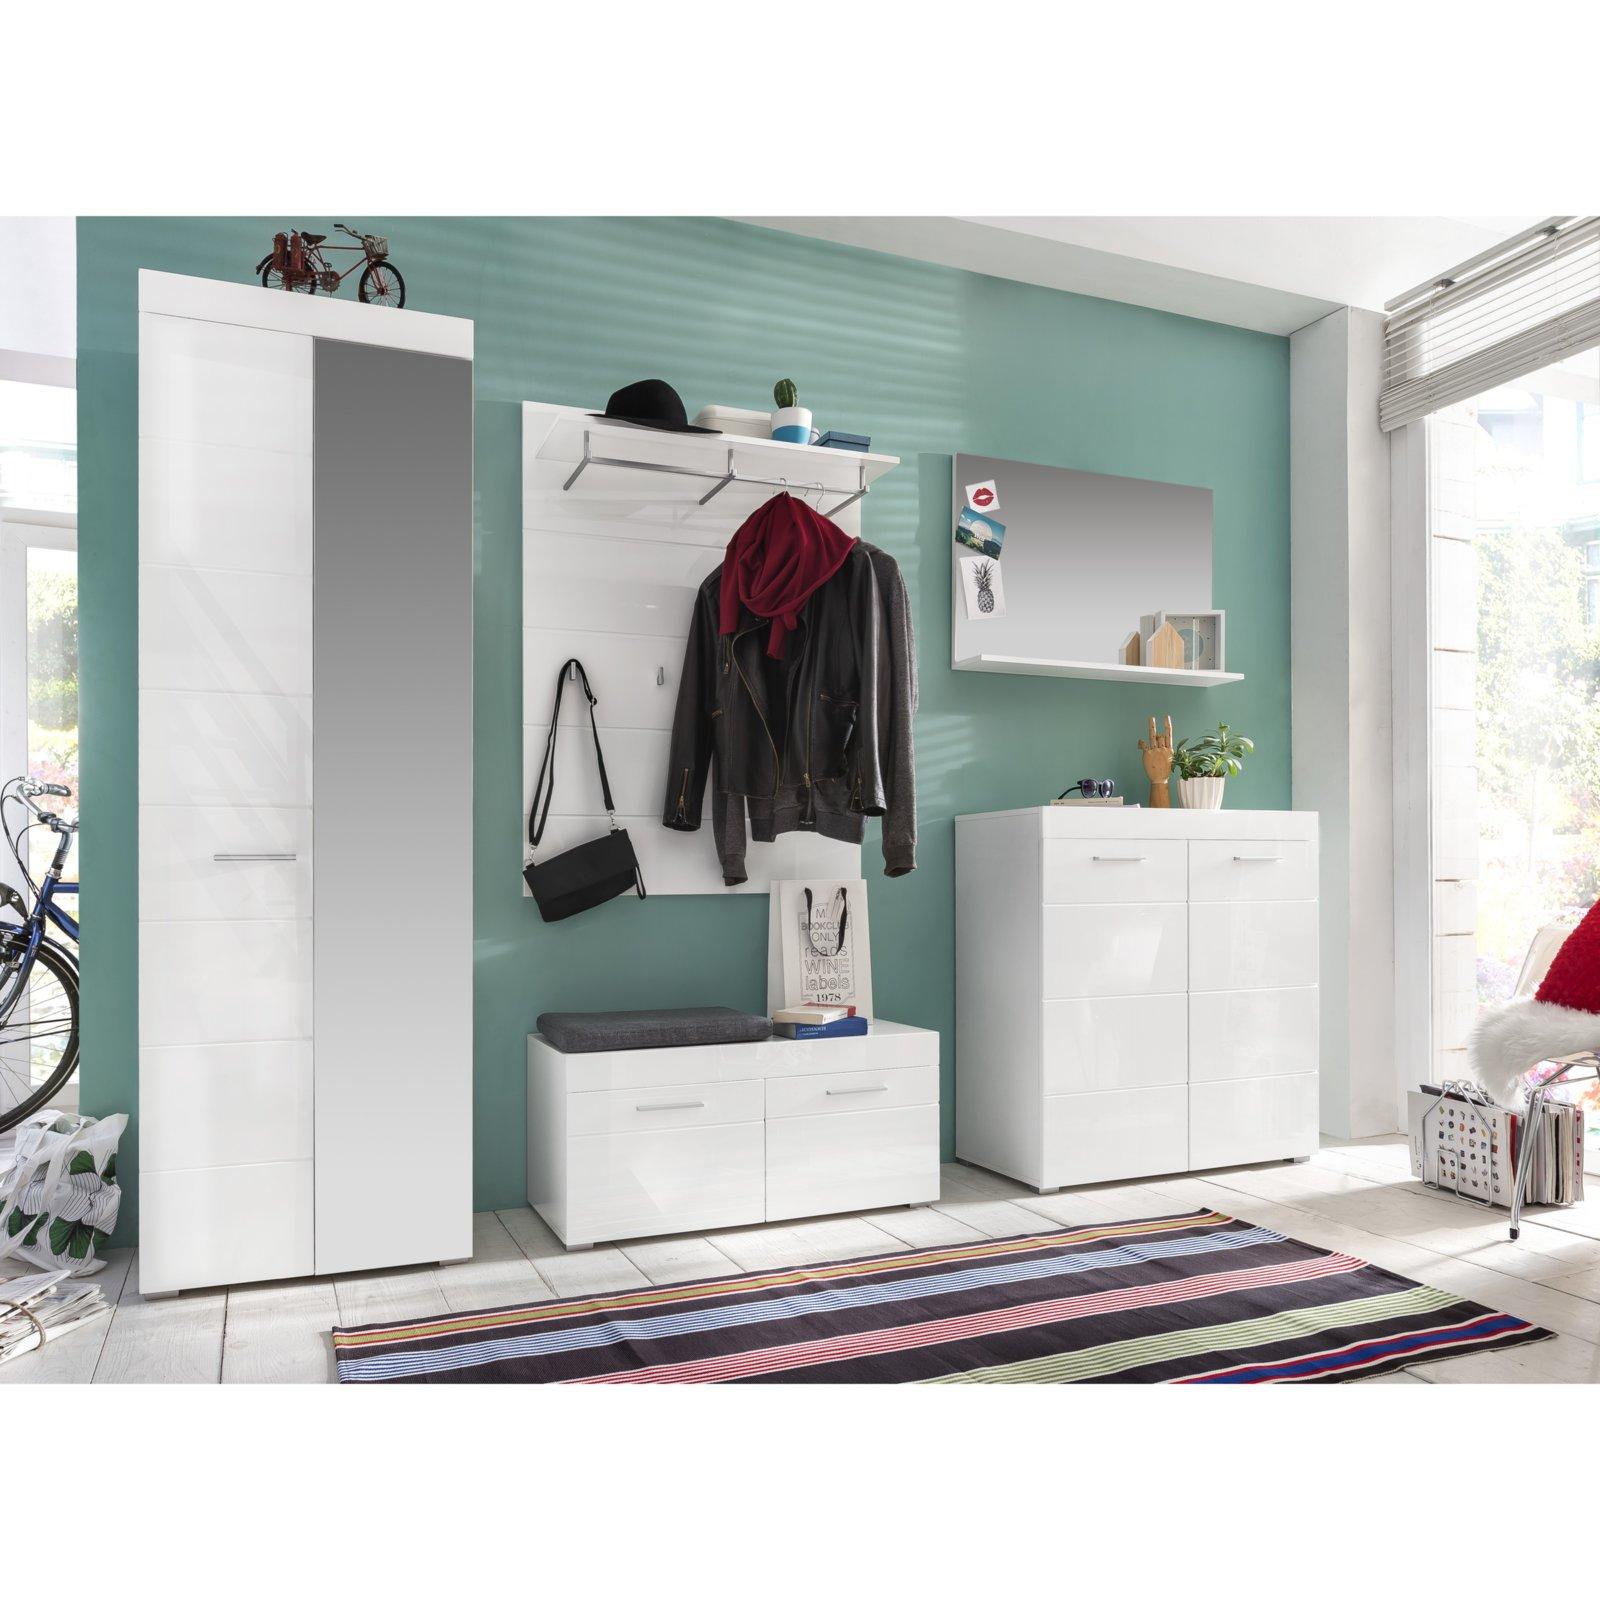 Gewaltig Garderobenschrank Weiß Foto Von Amanda - Weiß Hochglanz - 62 Cm